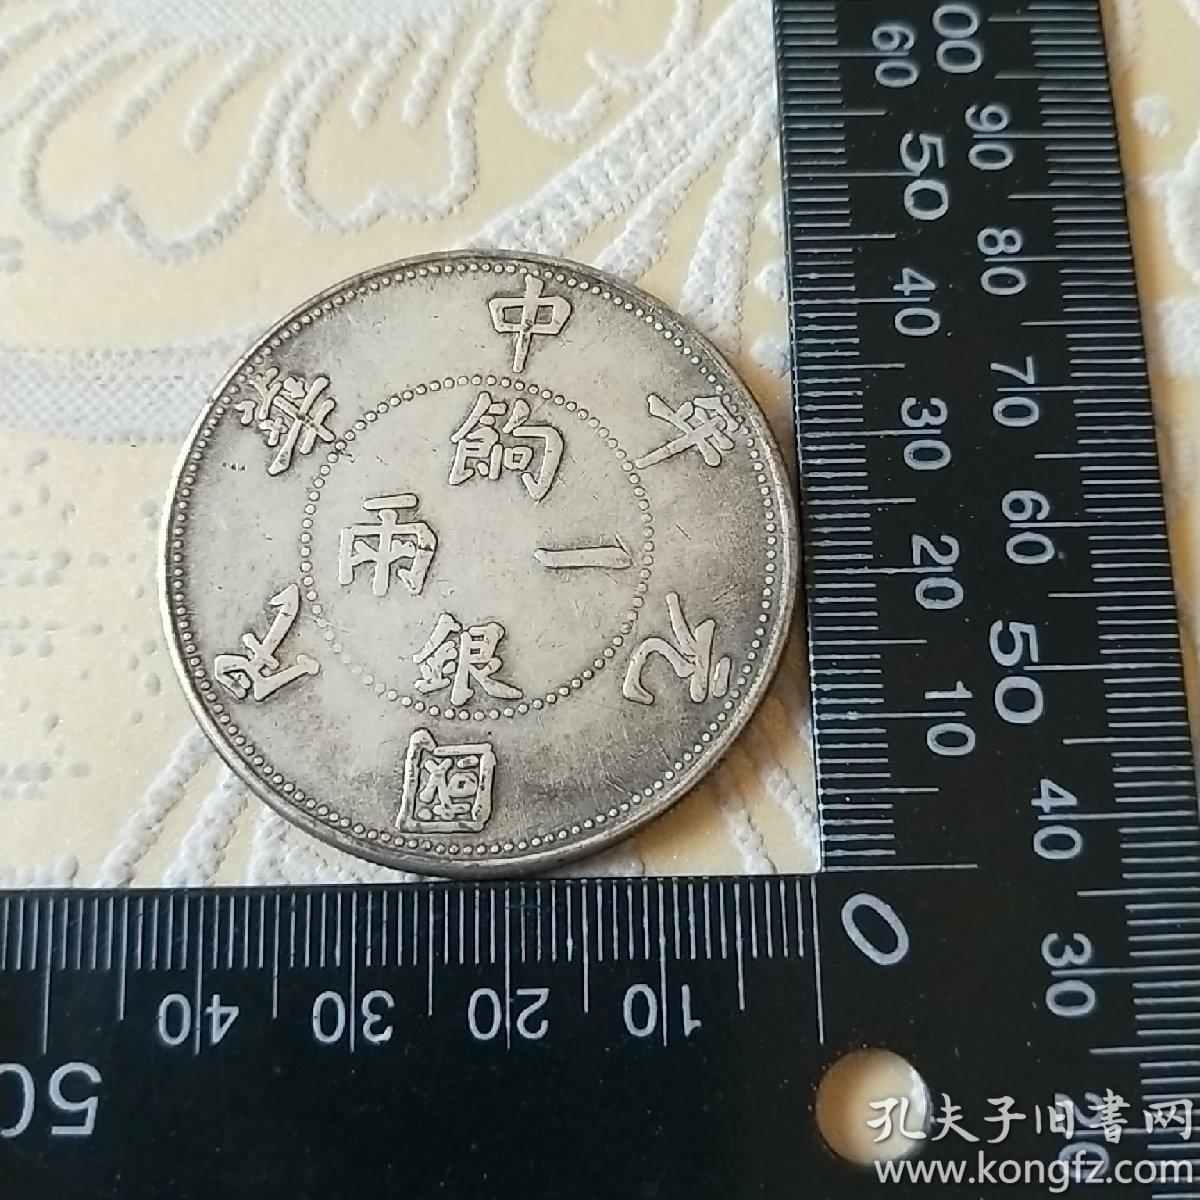 银元,大洋,中华民国元年【一两饷银】银币,大银元.学习币